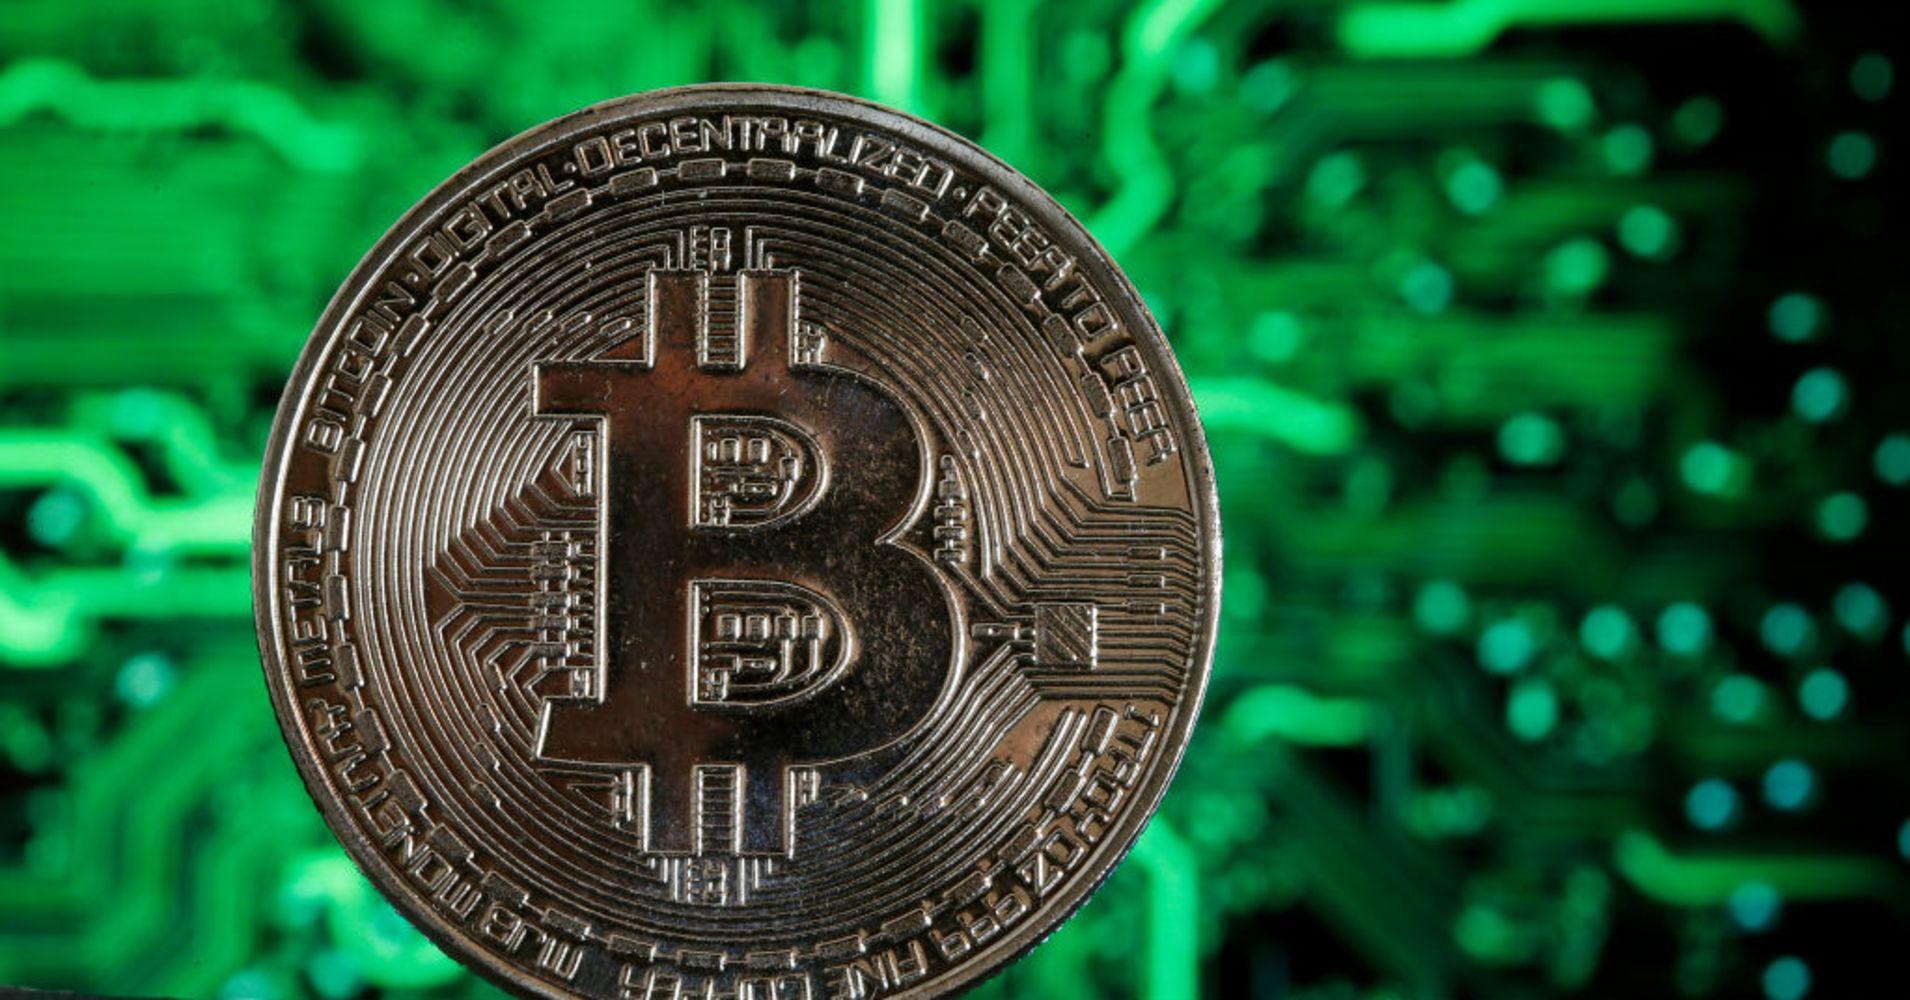 Kriptovaliutų prekybininkų forumas. Bitkoino kaina 2020 metais – ko tikėtis? Ekspertų nuomonės